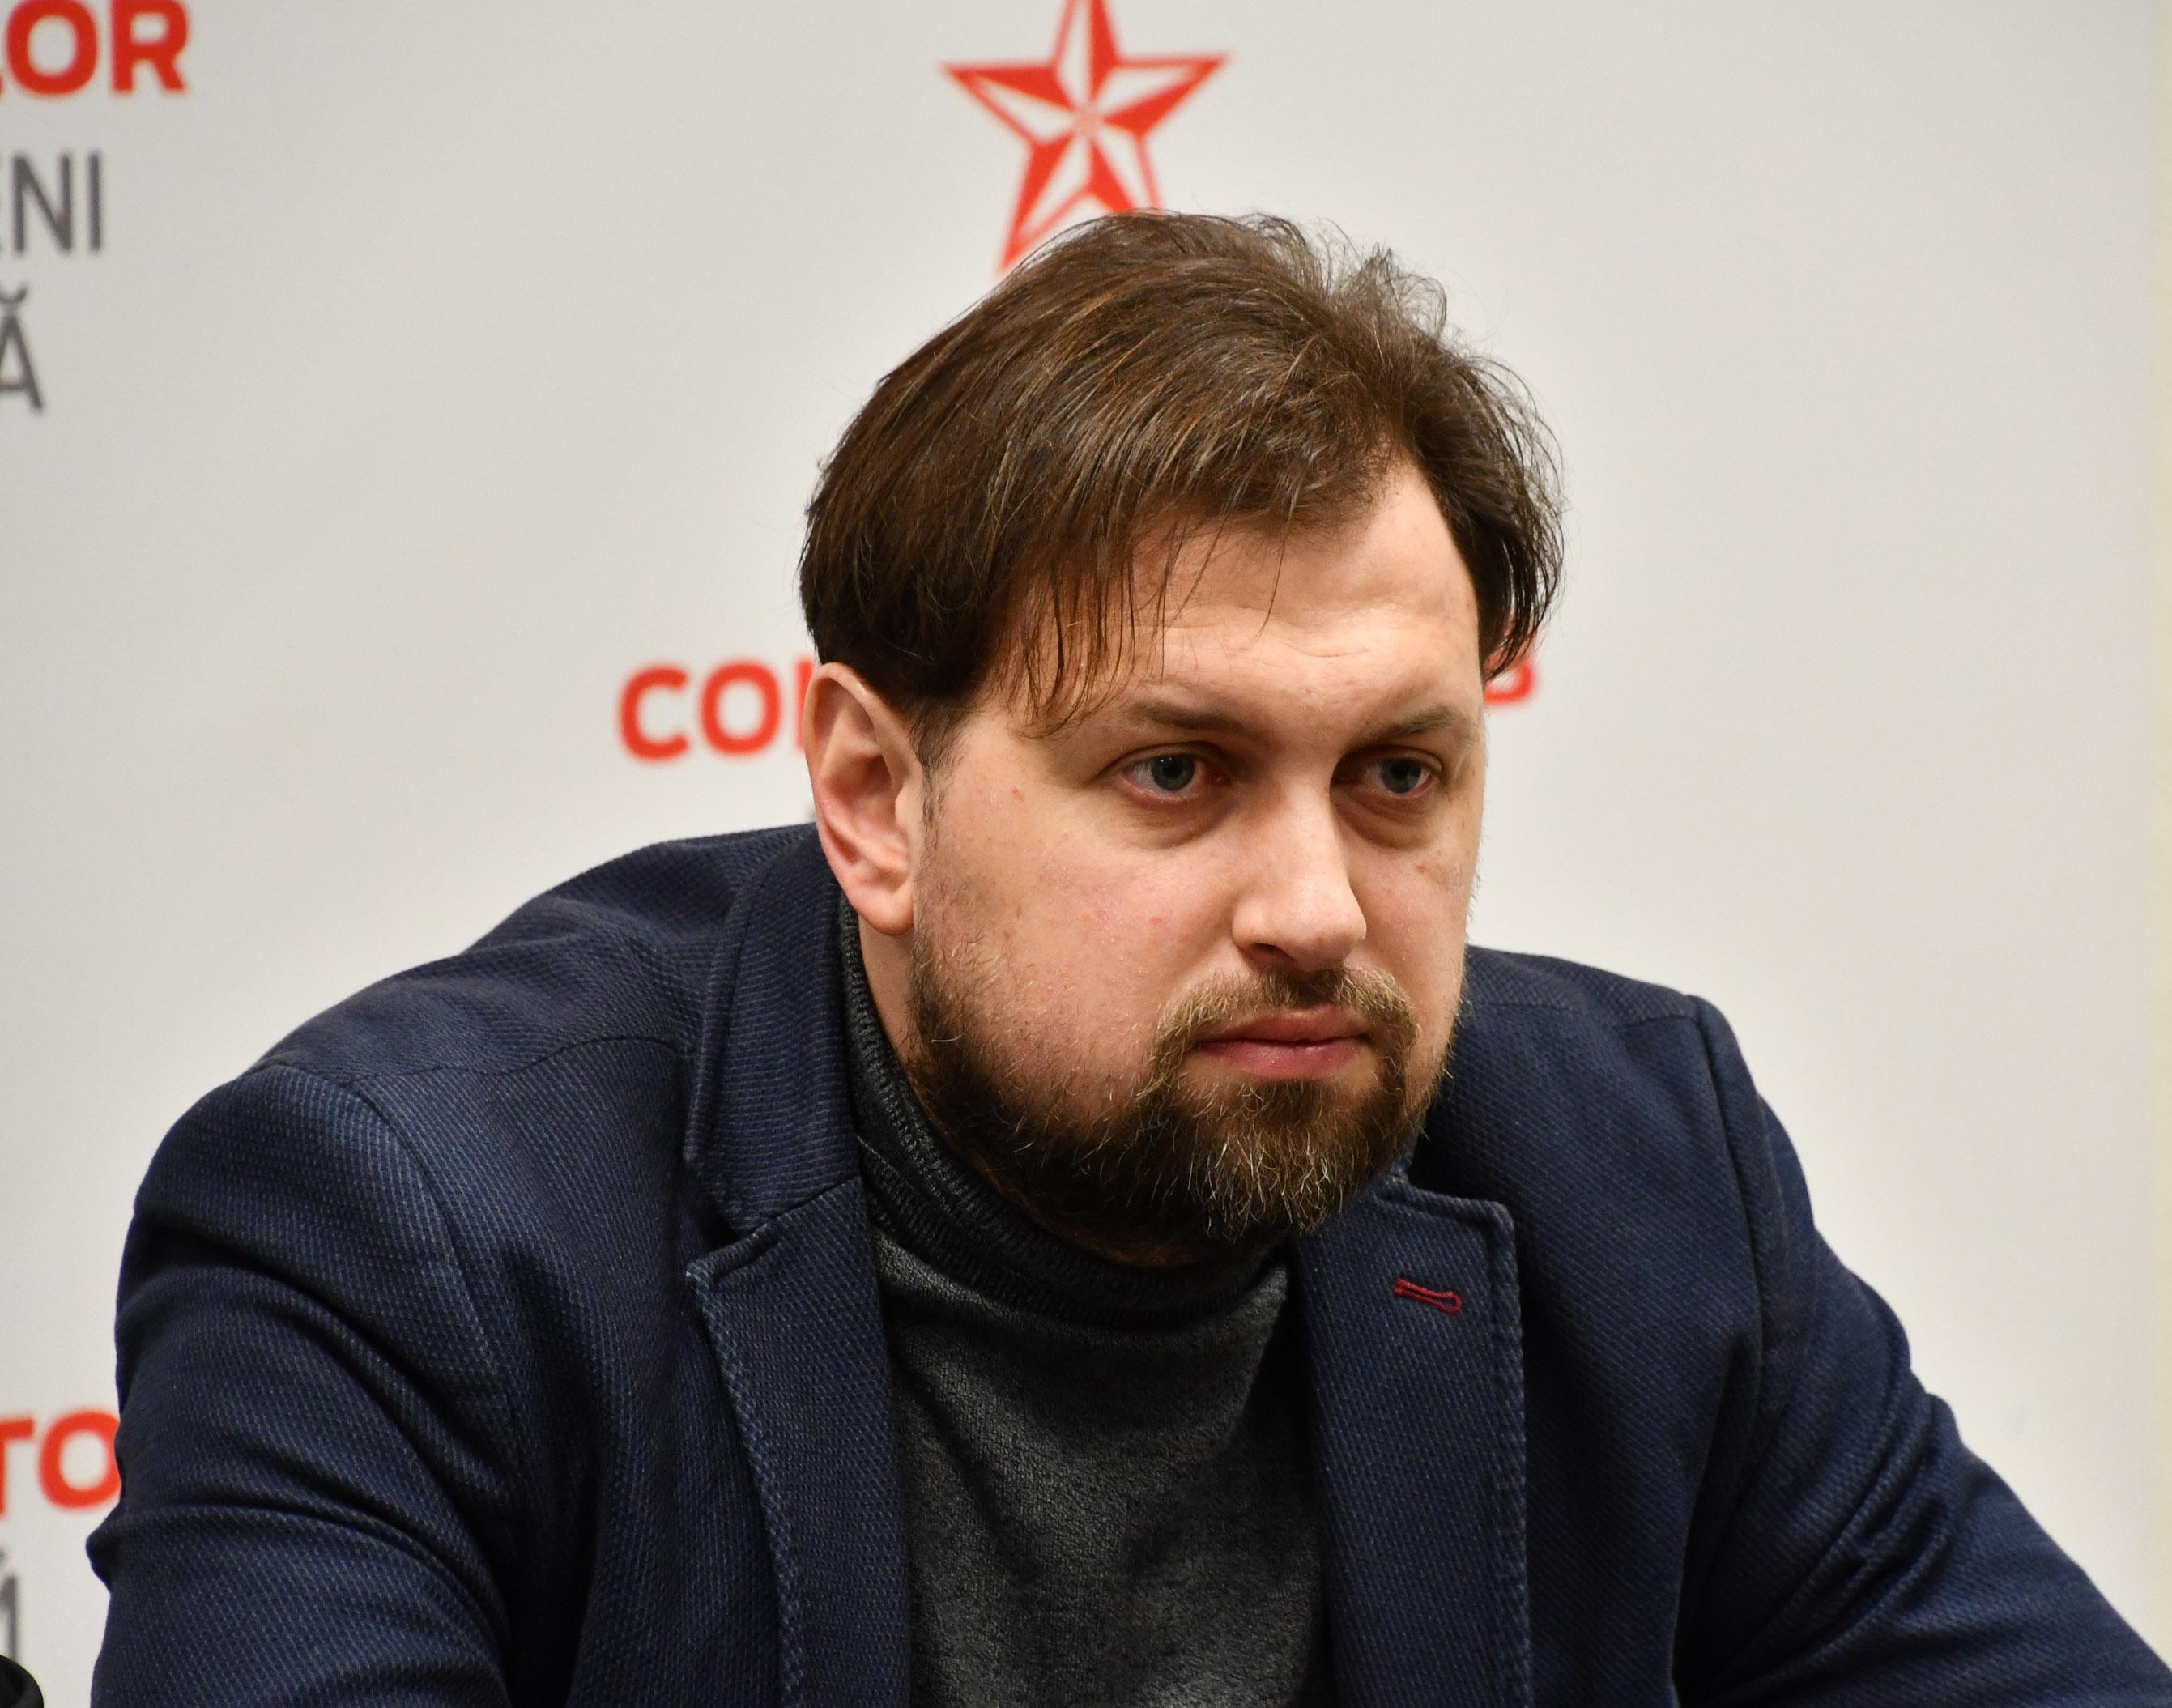 Лебединский: Те, кто обвиняют нас в нарушениях, пусть сначала наведут порядок у себя под носом (ВИДЕО)